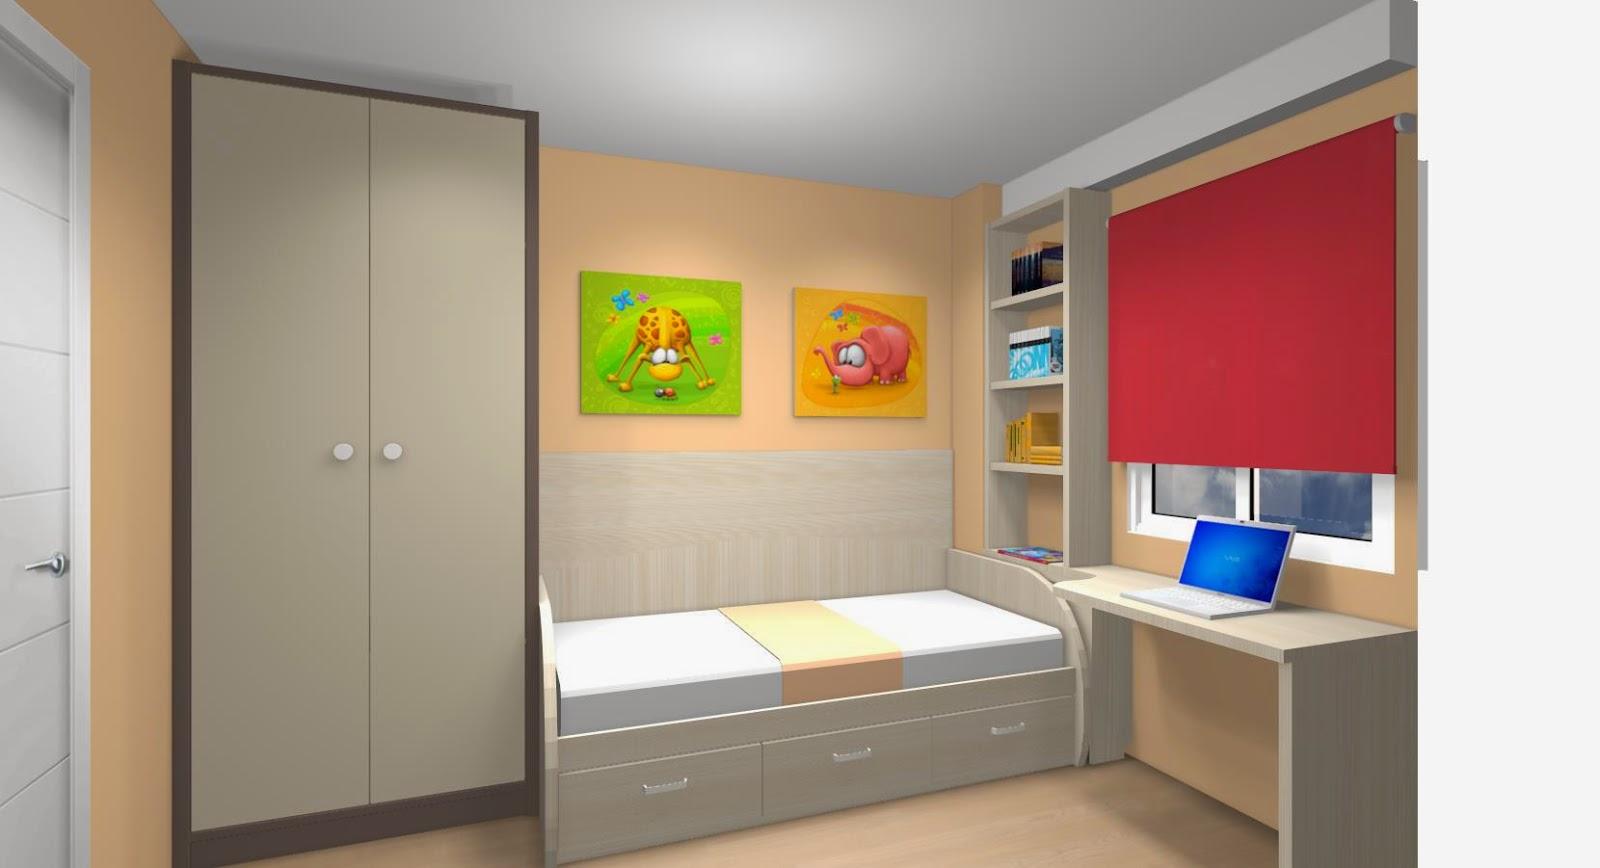 Que necesidades tengo al amueblar mi dormitorio for Stickers para pared de dormitorio